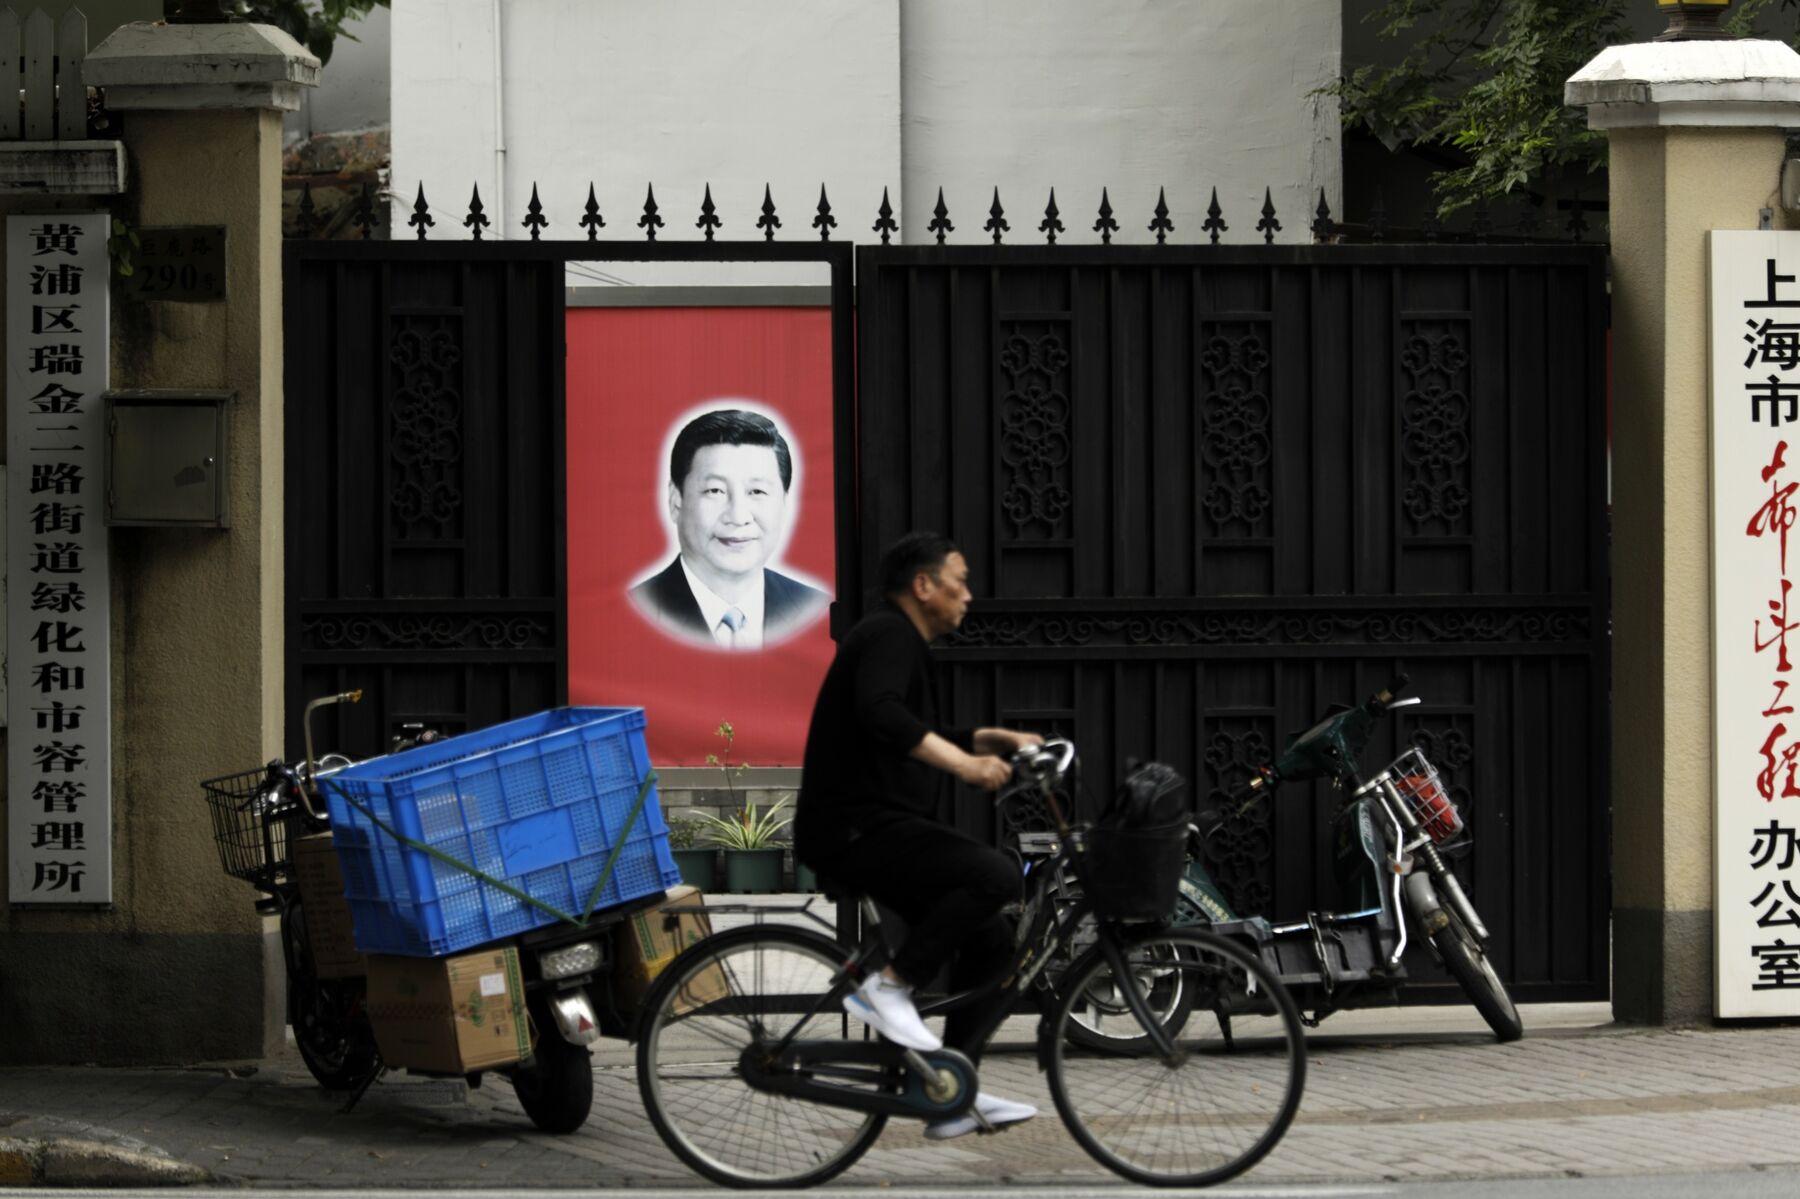 【米中摩擦】トランプ大統領、中国に関する新たな米政策を29日に発表【香港の国家安全法】